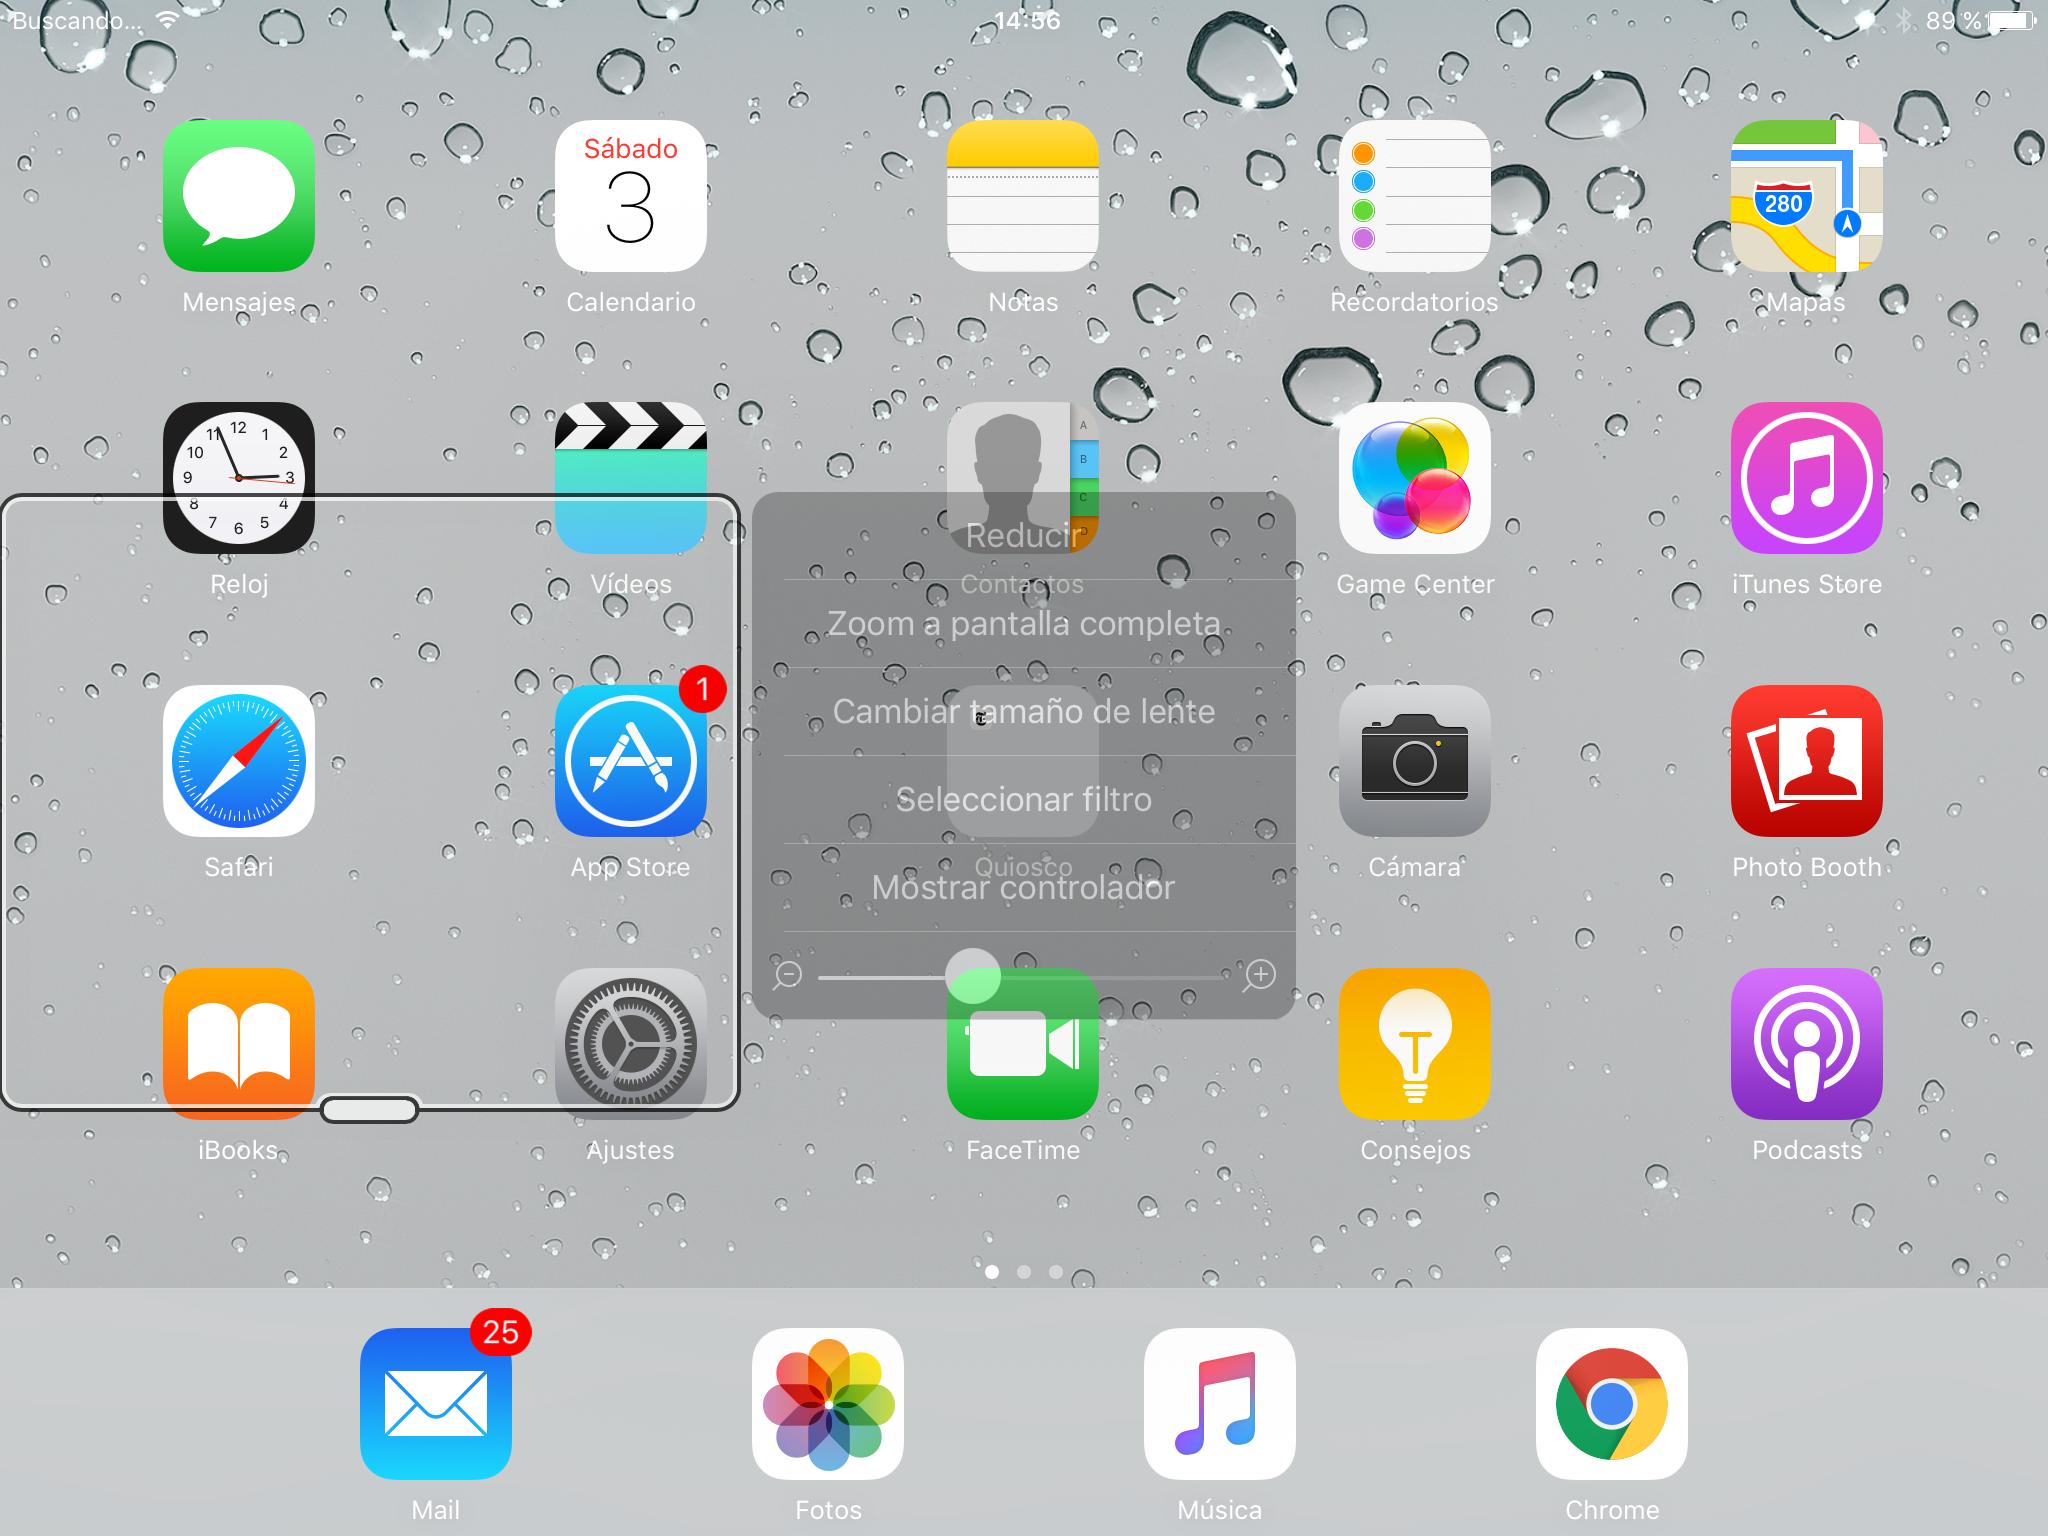 Configuración Zoom en Instagram iOS